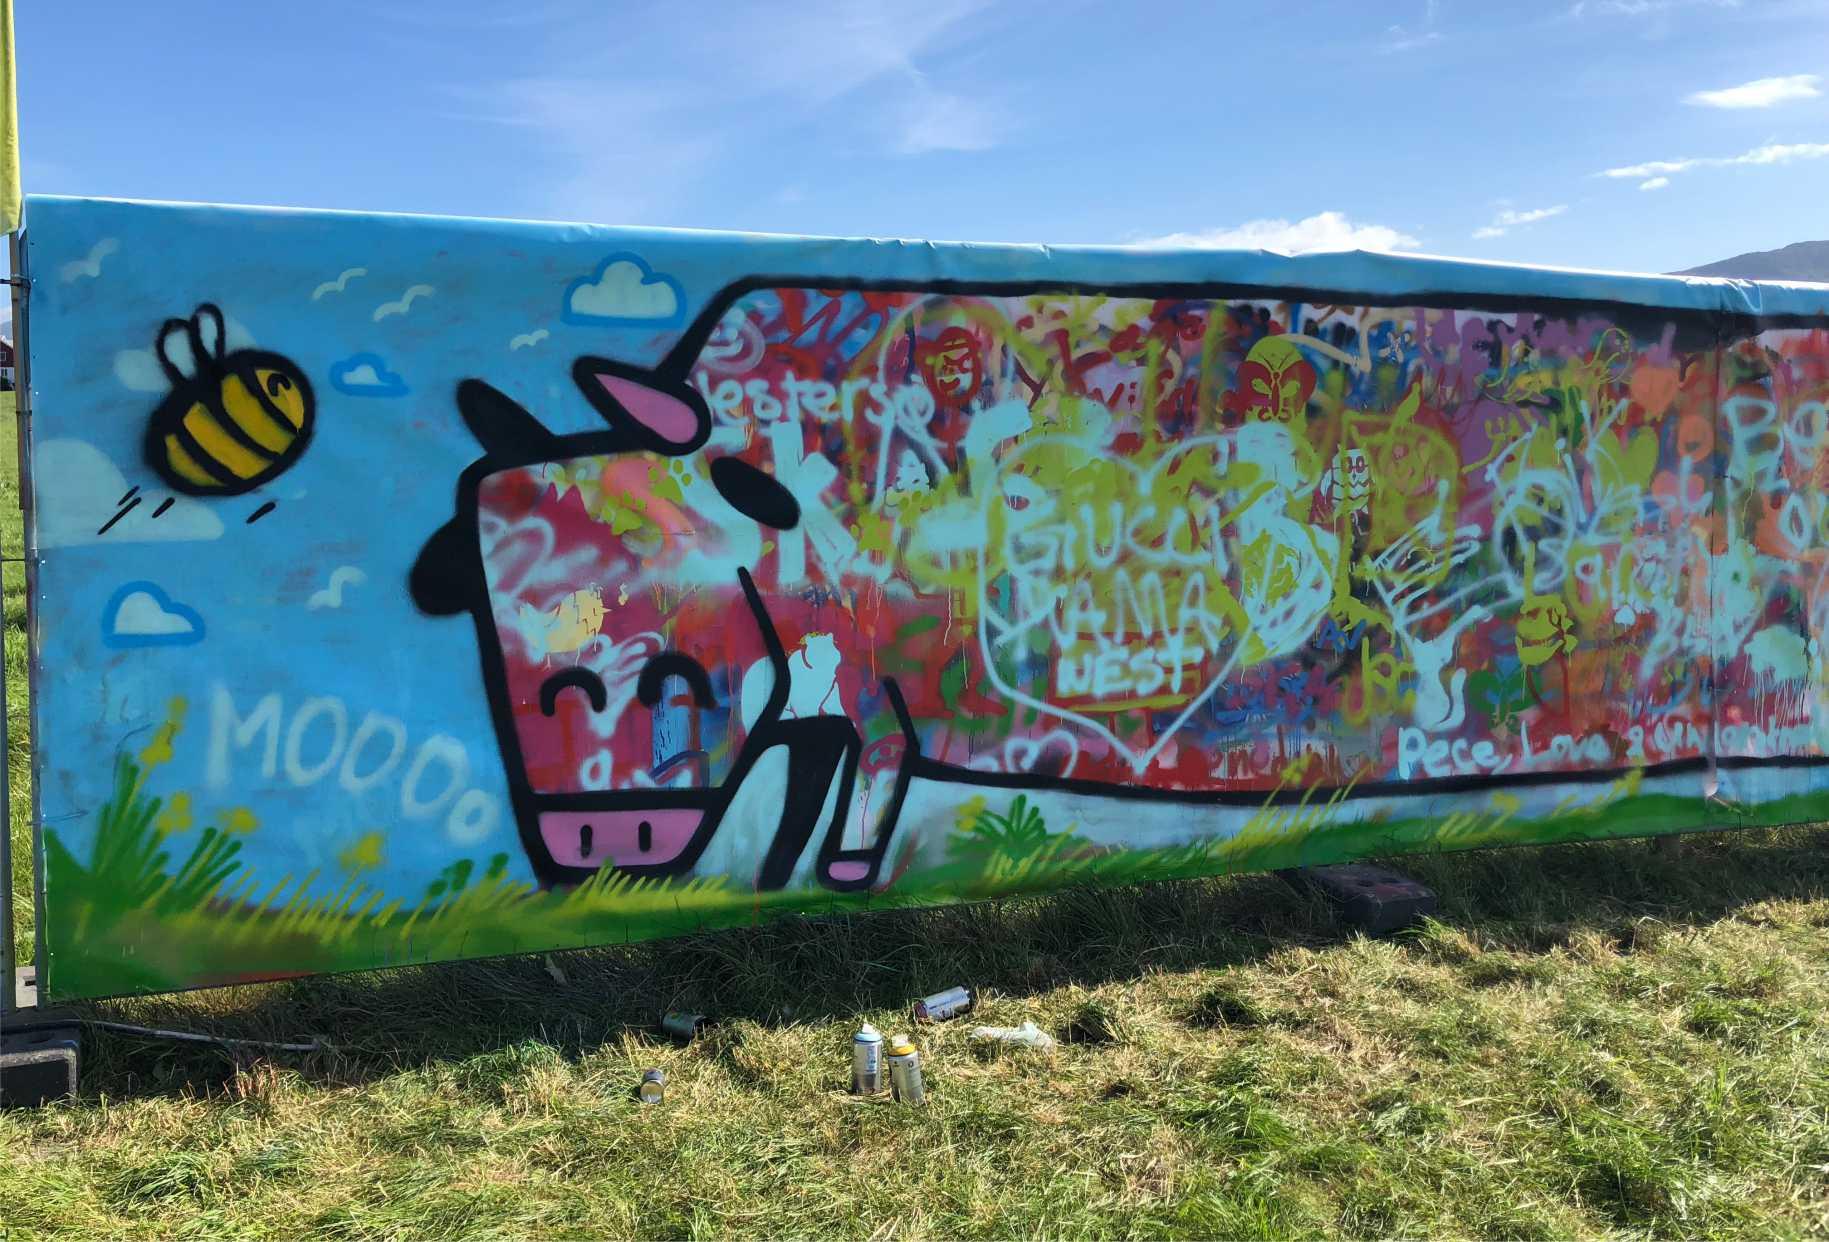 kanskje verdens lengste graffiti ku